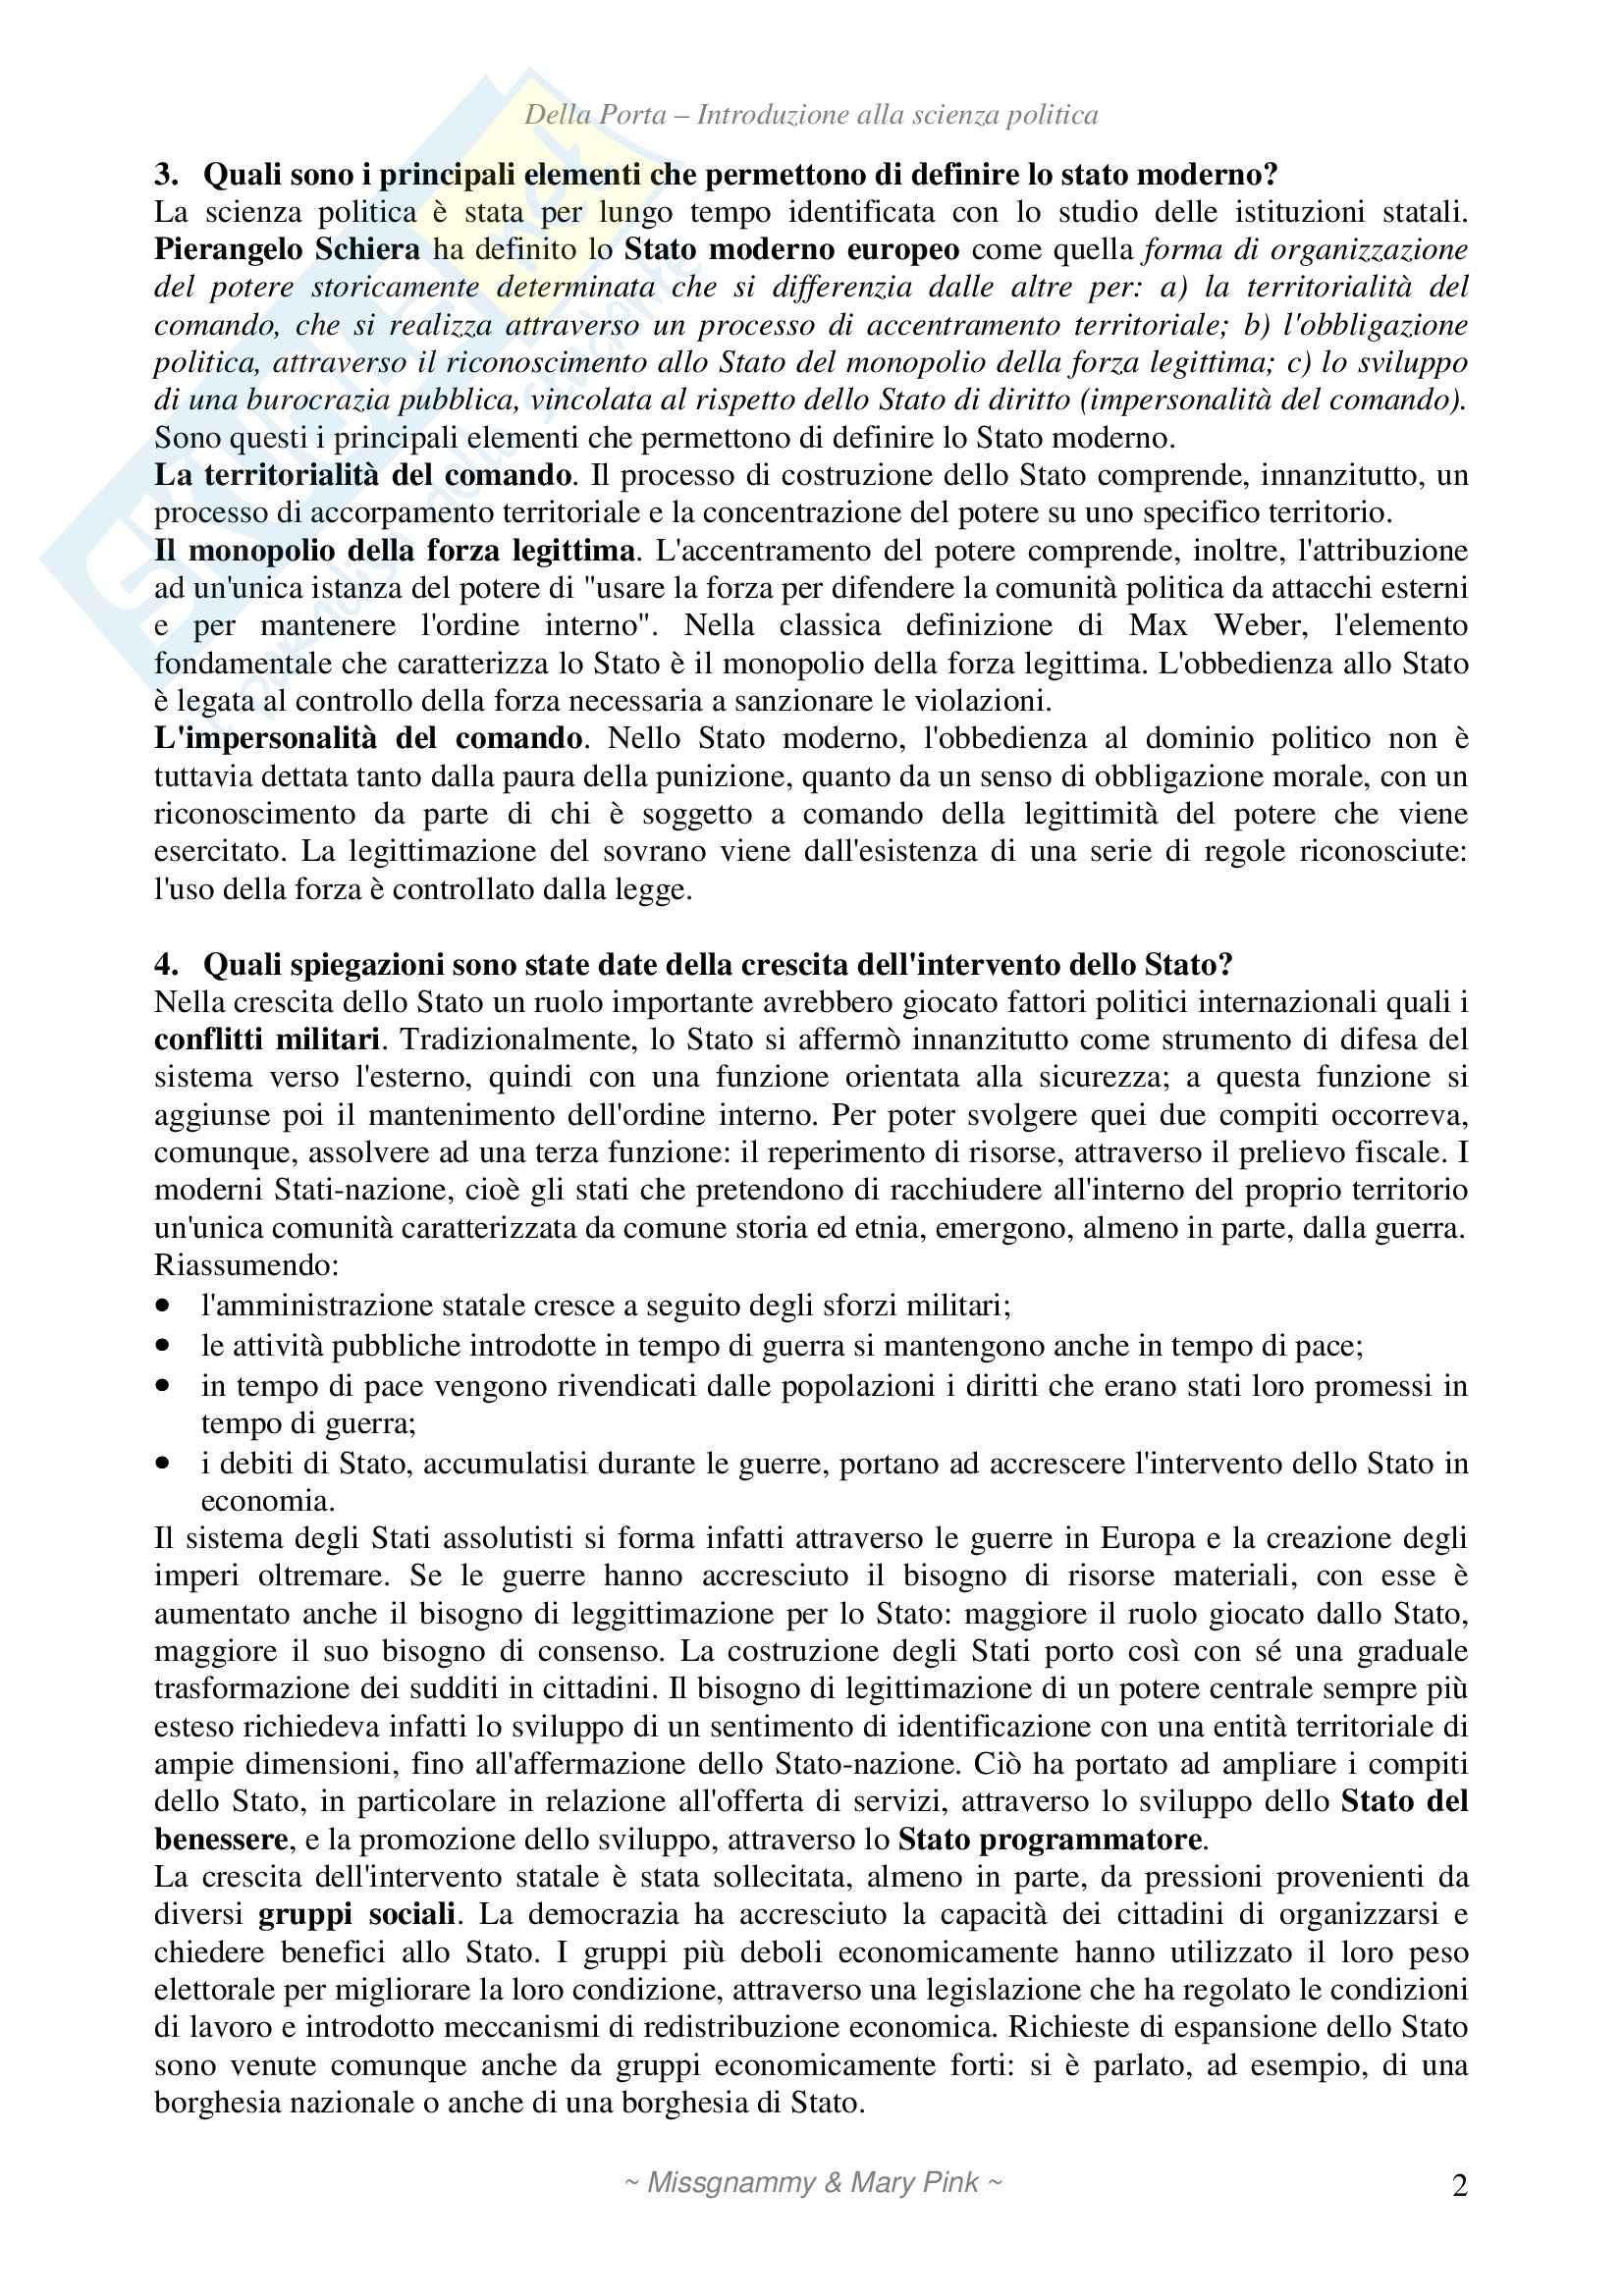 Introduzione alla scienza politica, Della Porta - Domande Pag. 2